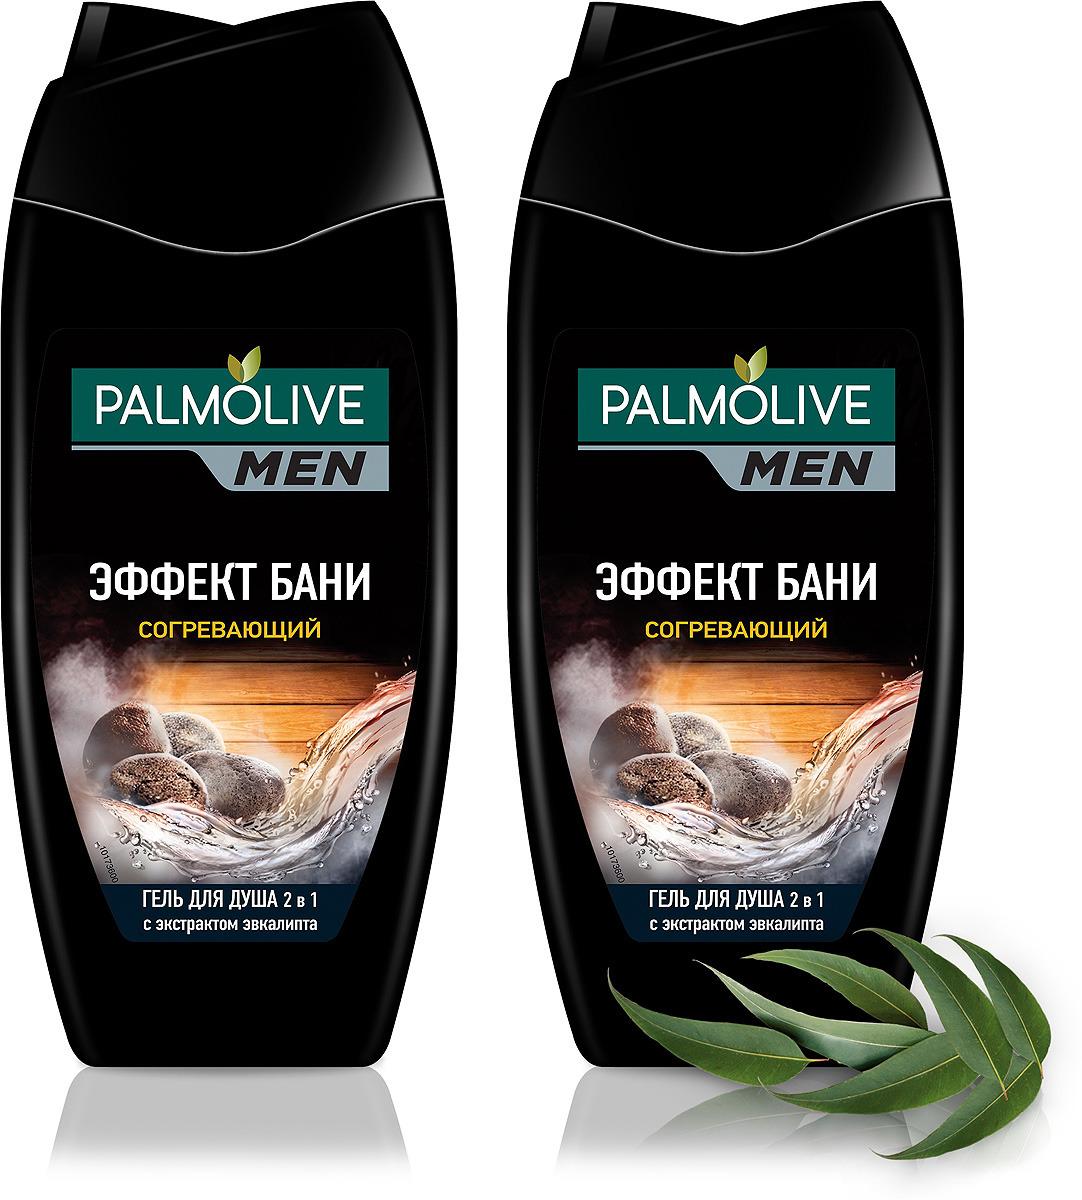 Гель для душа 2 в 1 Palmolive Men